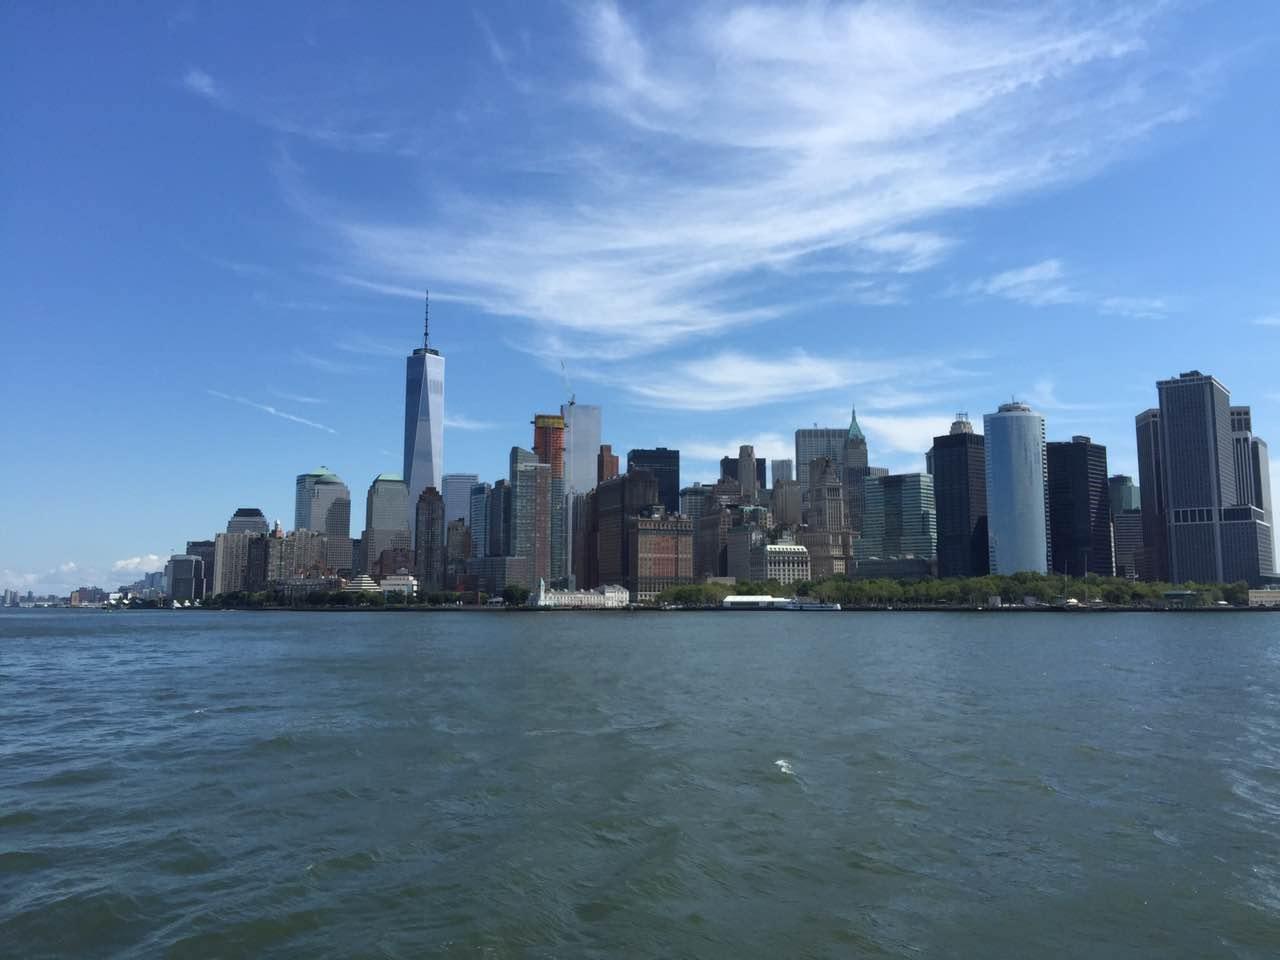 纽约旧地重游 — 刘以栋随笔